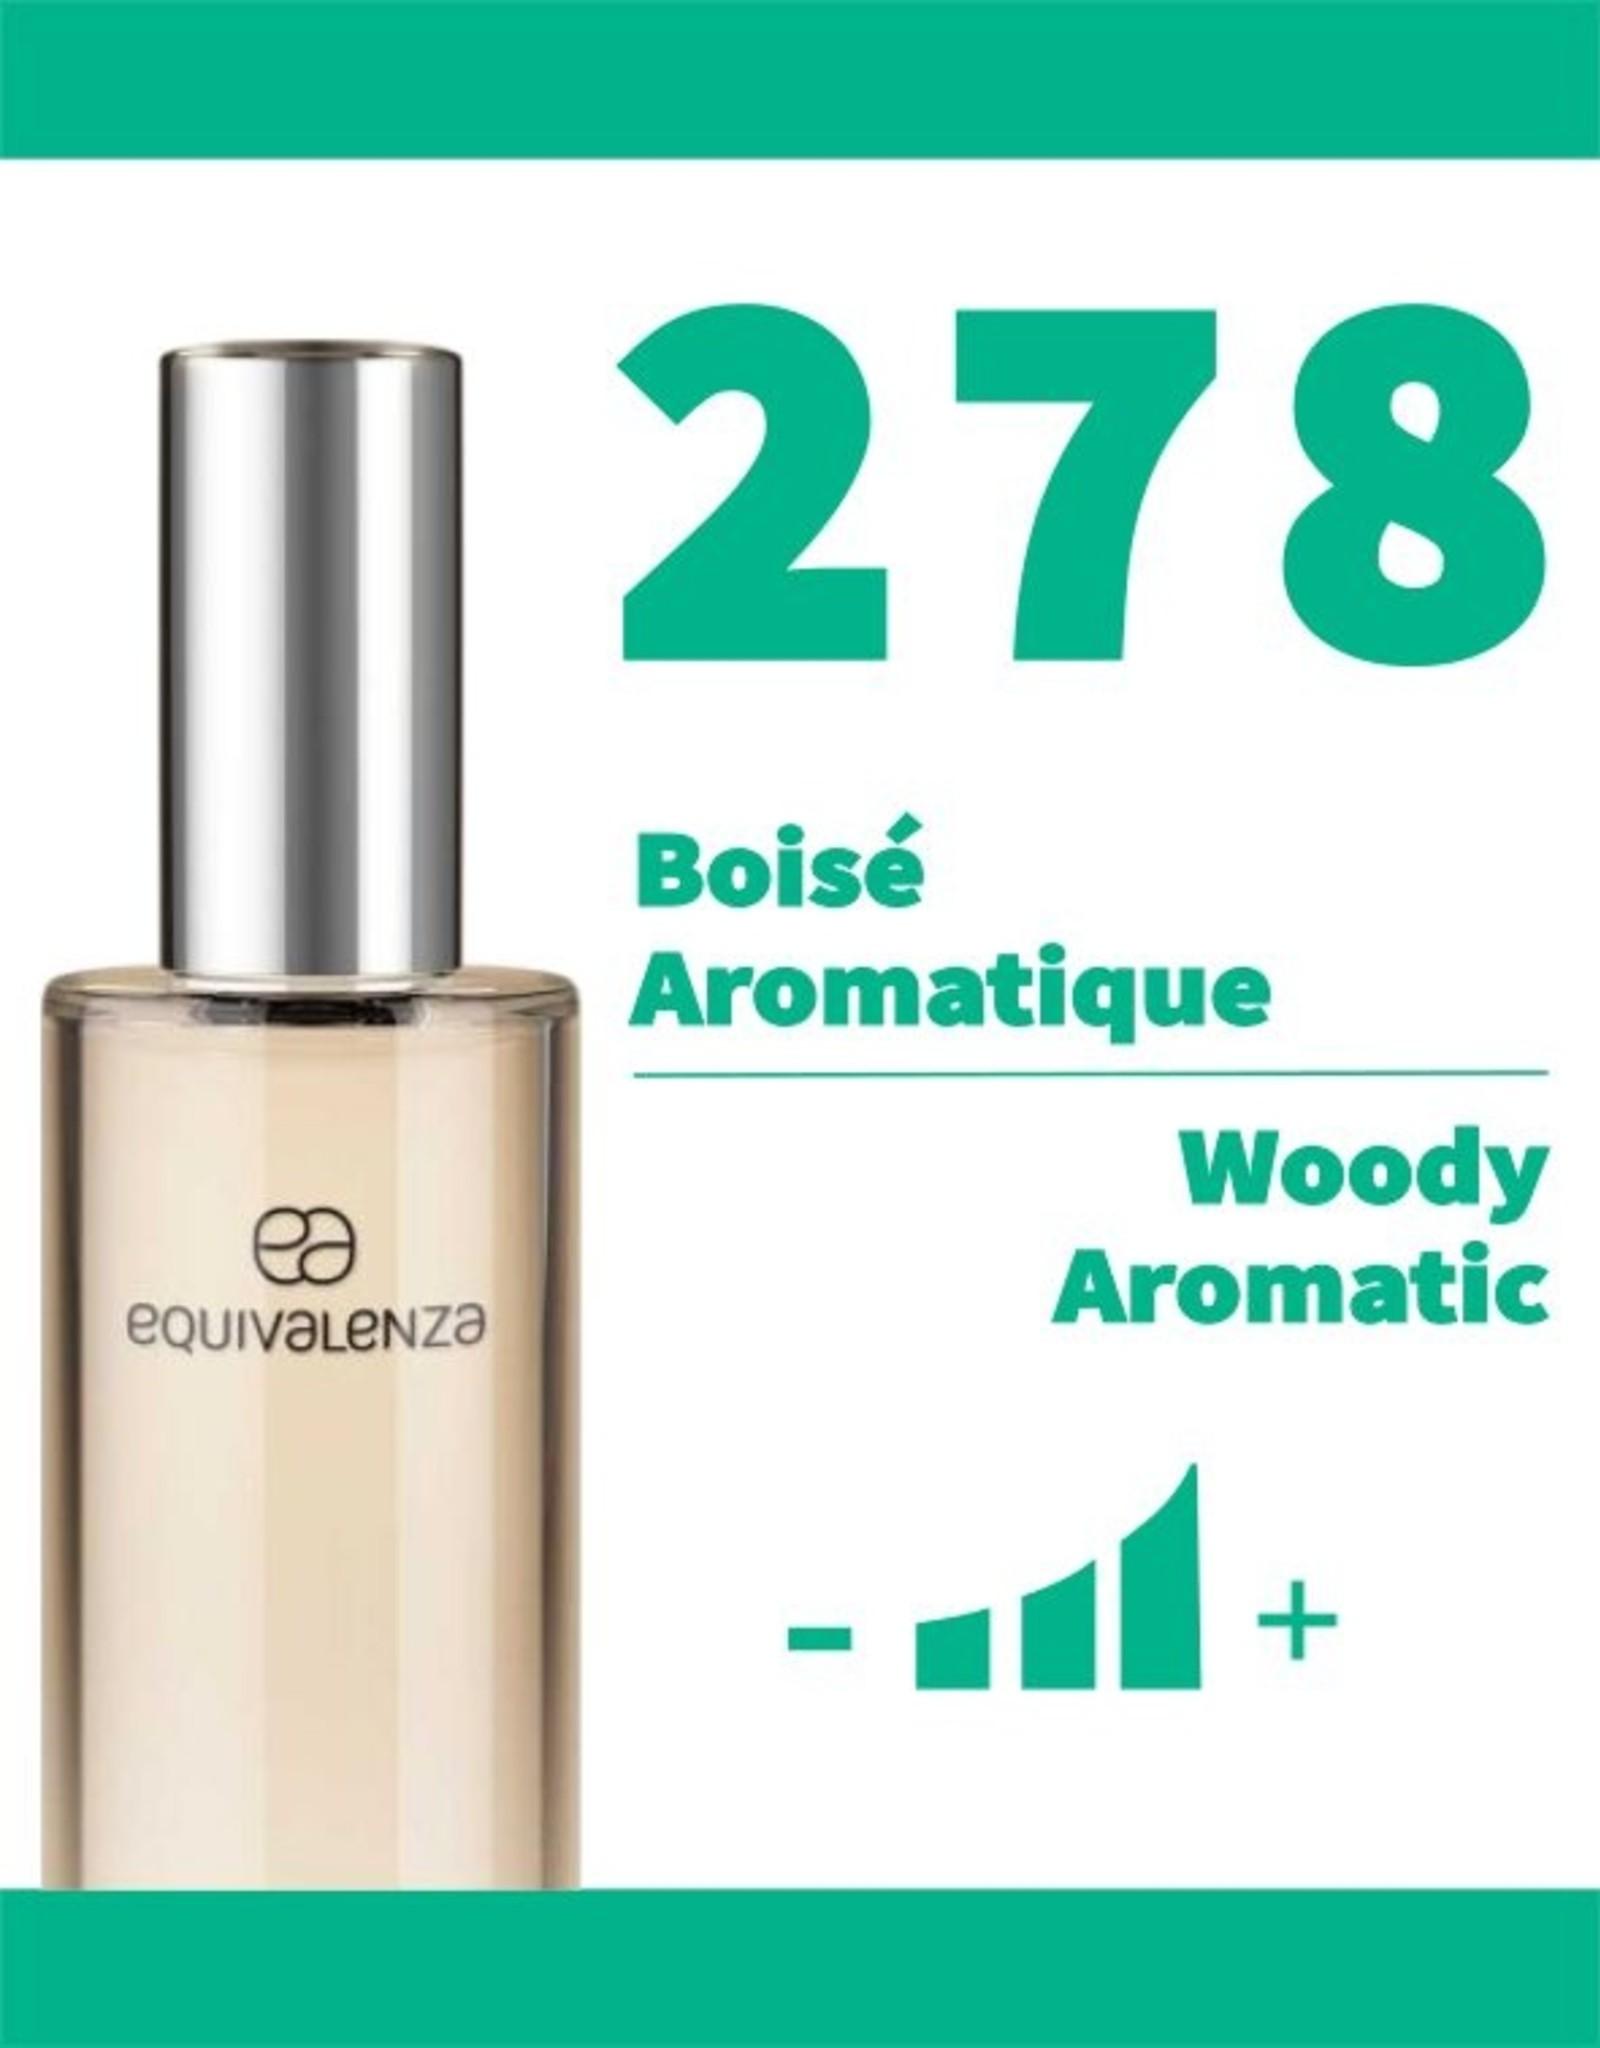 Equivalenza Boisé Aromatique 278